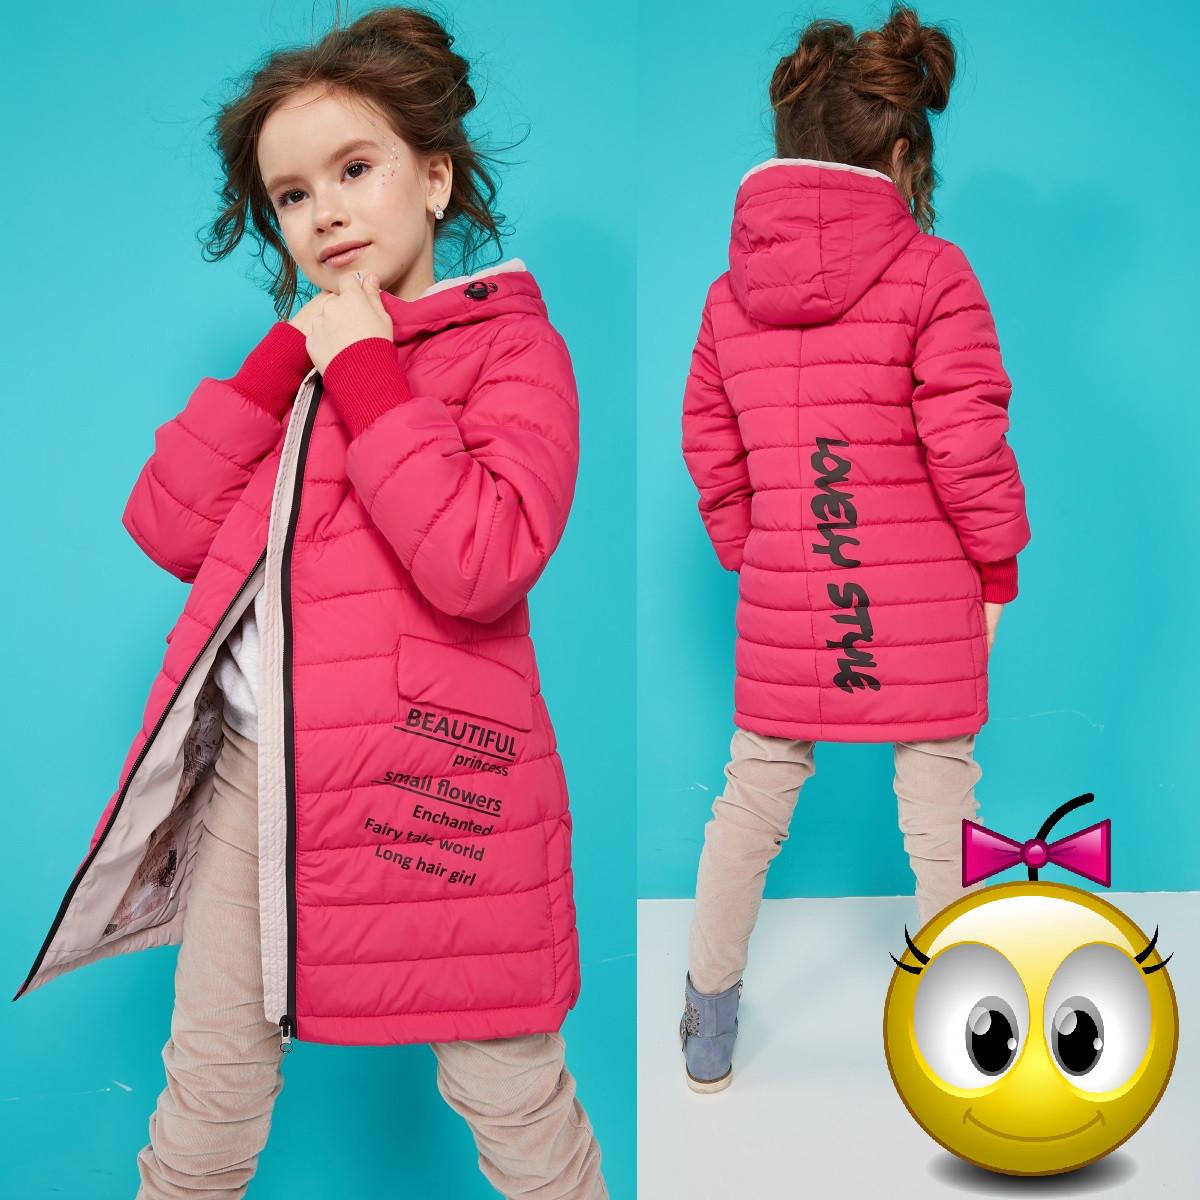 Демисезонная куртка для девочки с принтом и капюшоном NW  Трикси  19891  Малина